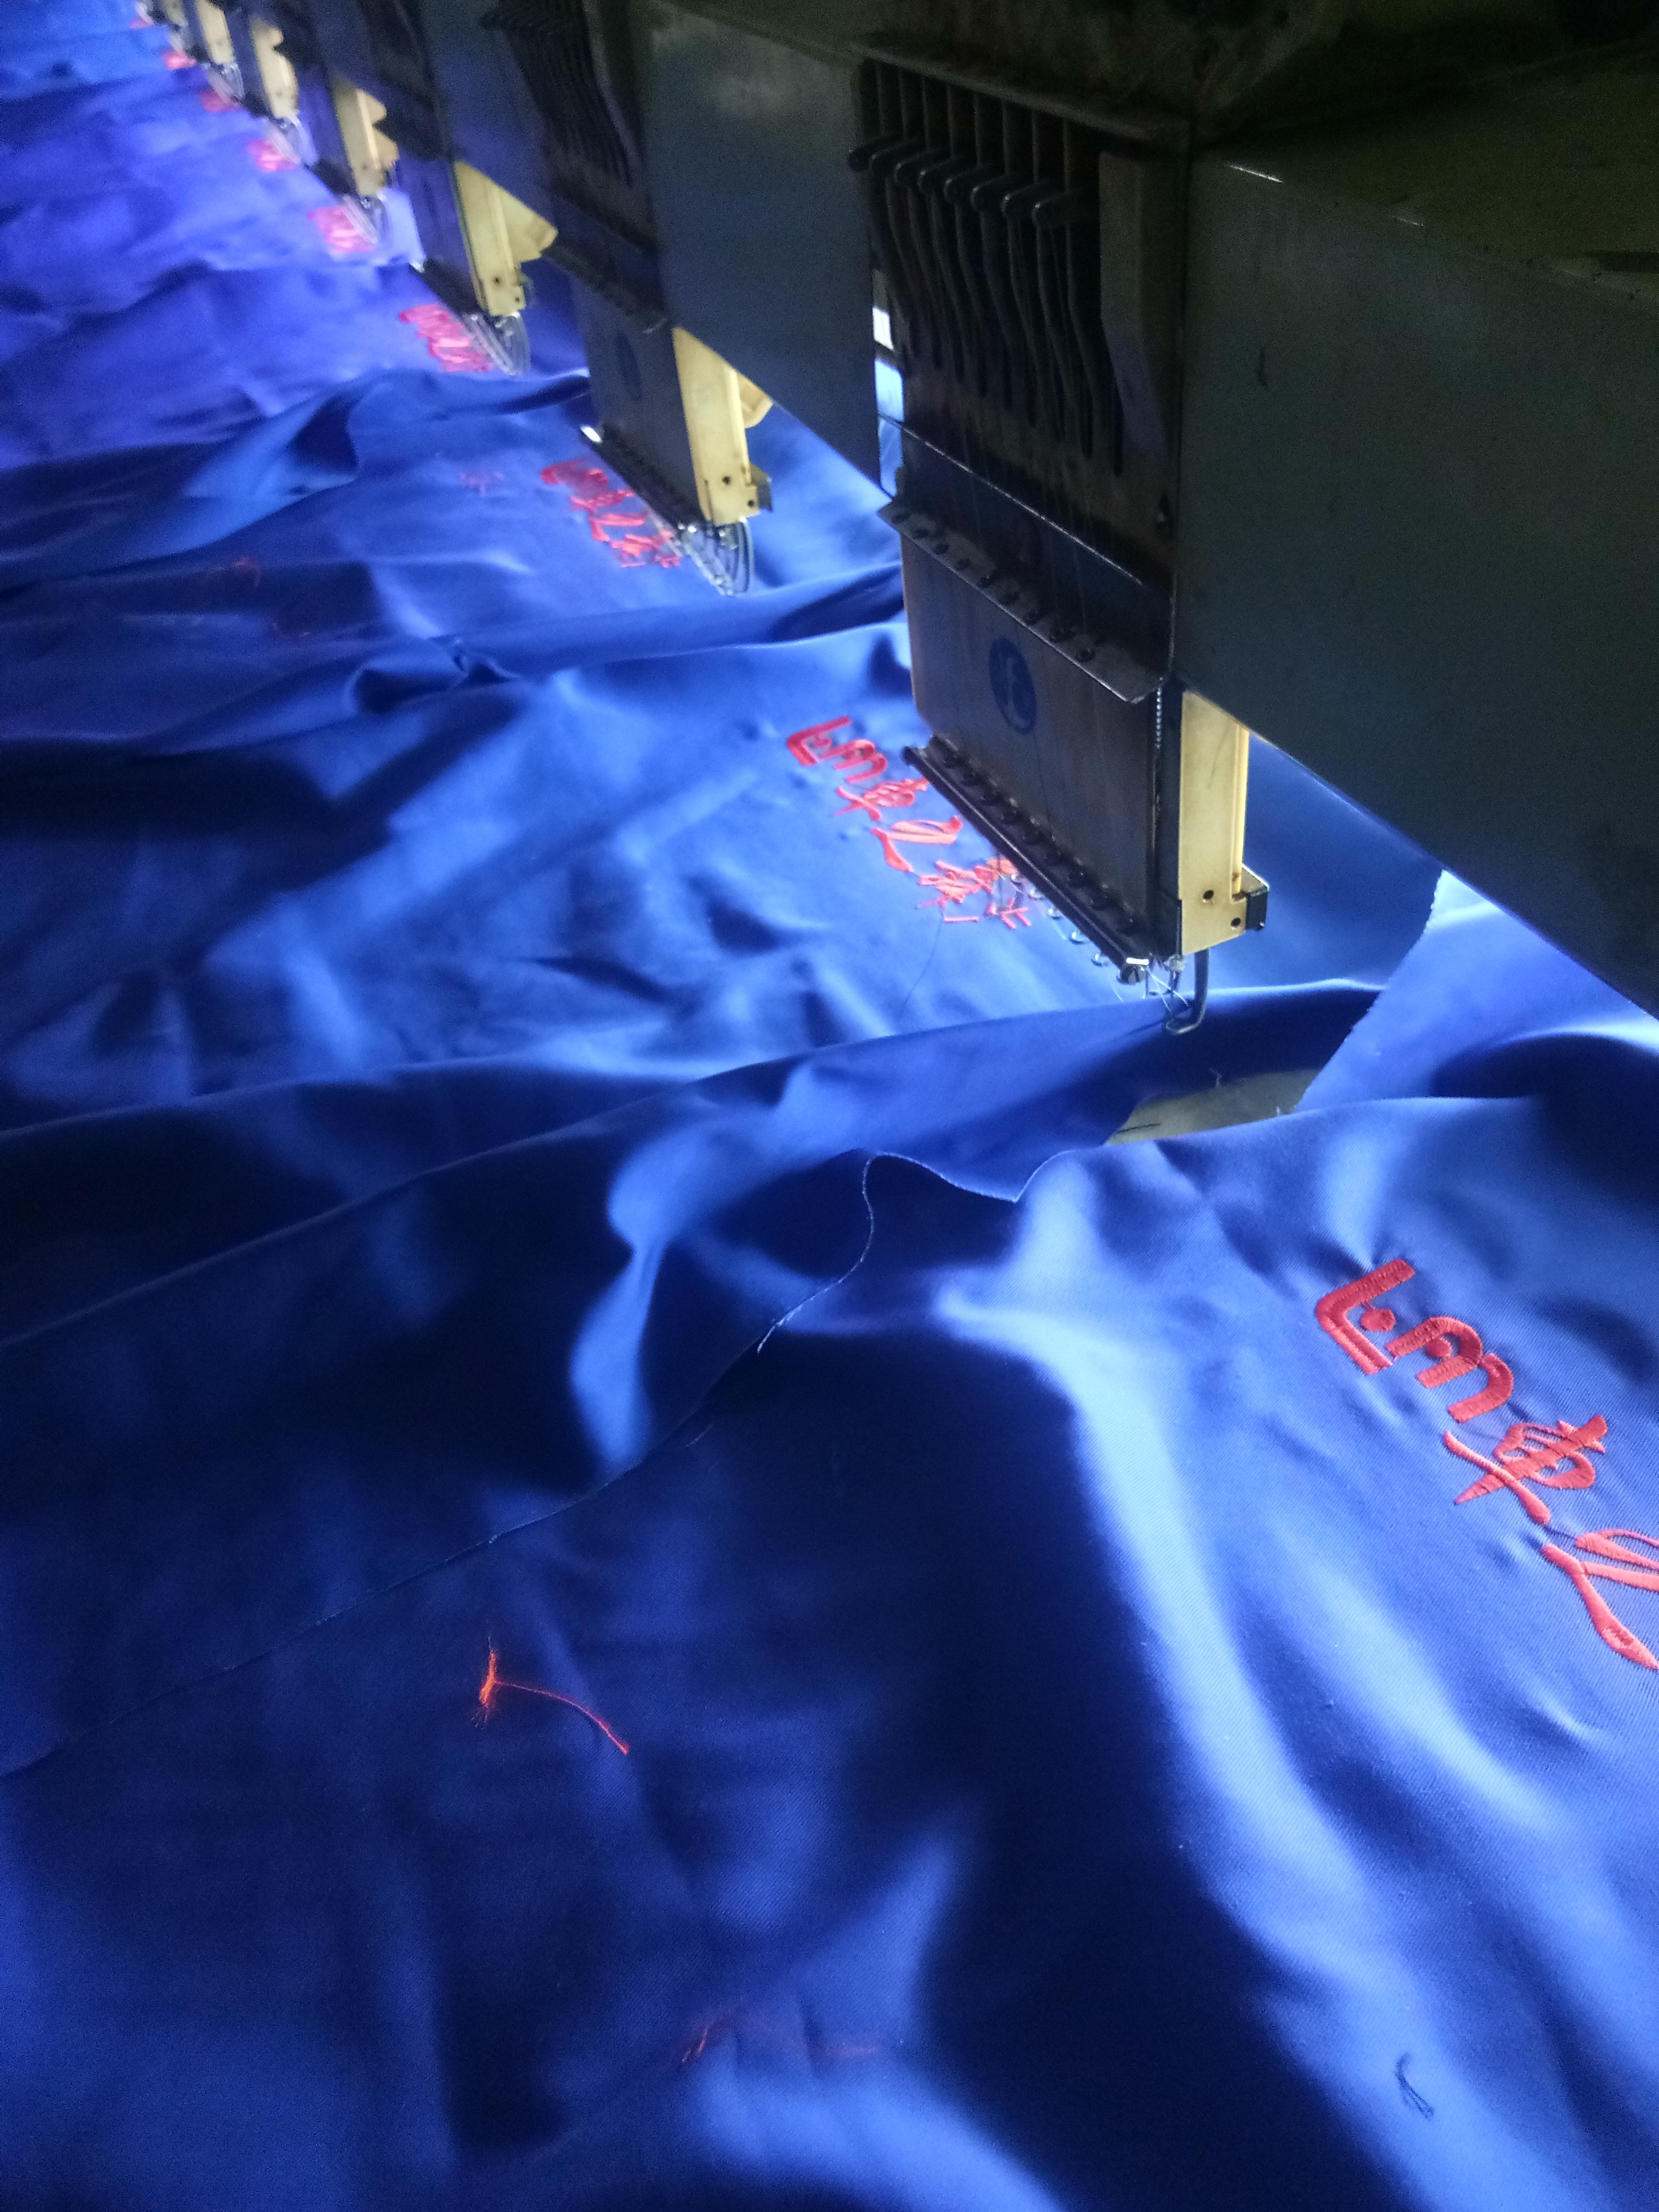 工作服刺绣加工 电脑刺绣加工厂 工作服刺字 T恤衫绣LOGO